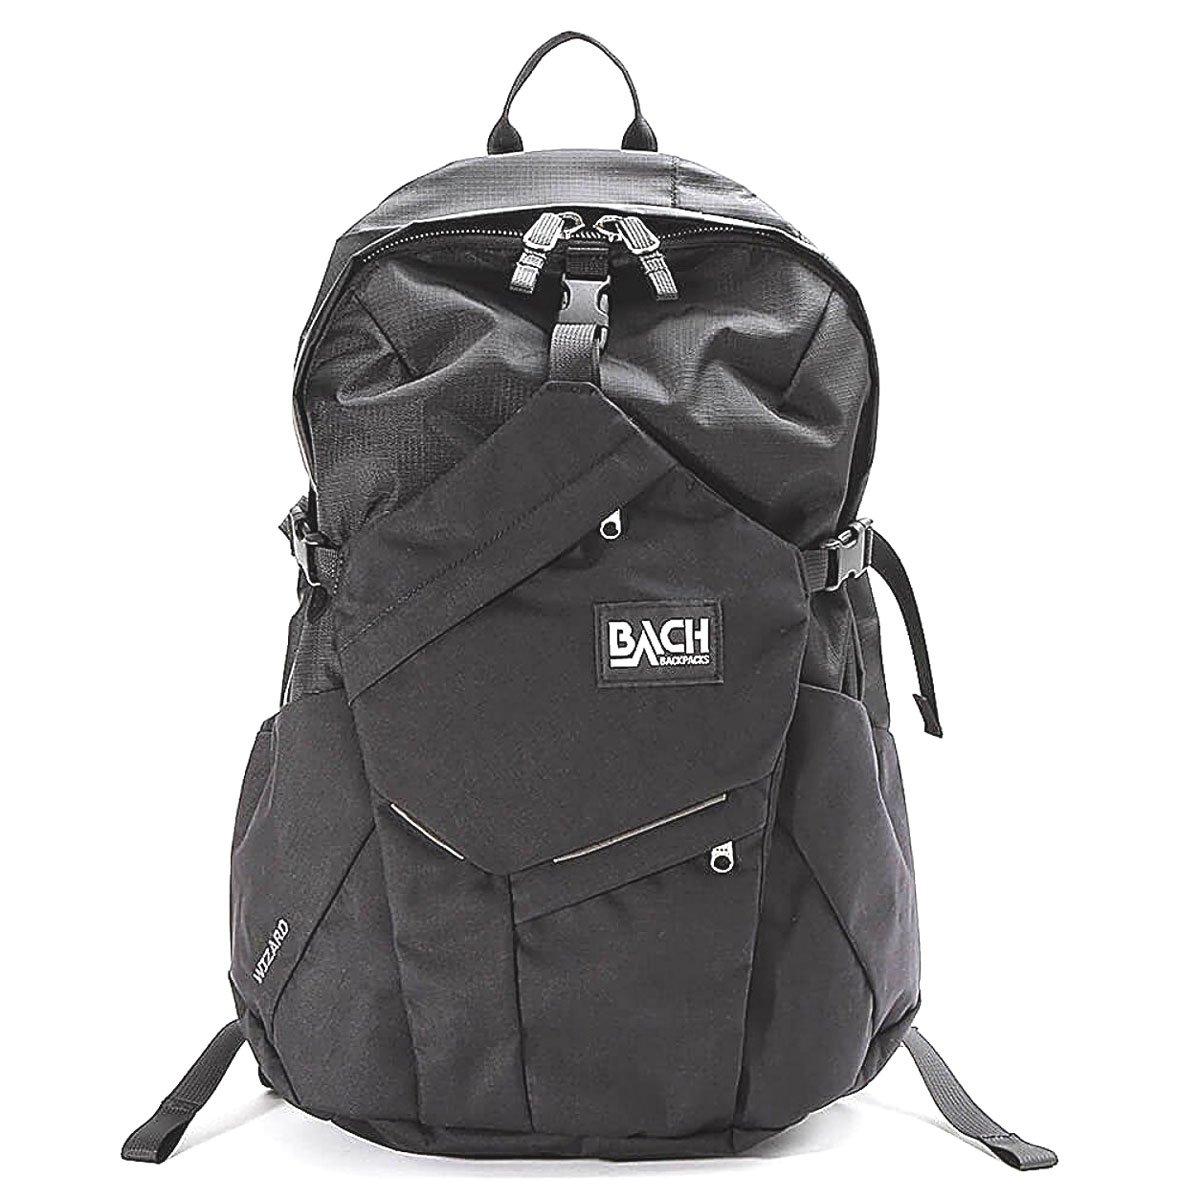 [ バッハ ] BACH バックパック 27L リュック リュックサック Wizard 27 ウィザード 127211 ブラック Backpack Black 多機能 ナイロン バック A4 B075XJ5YYY ブラック